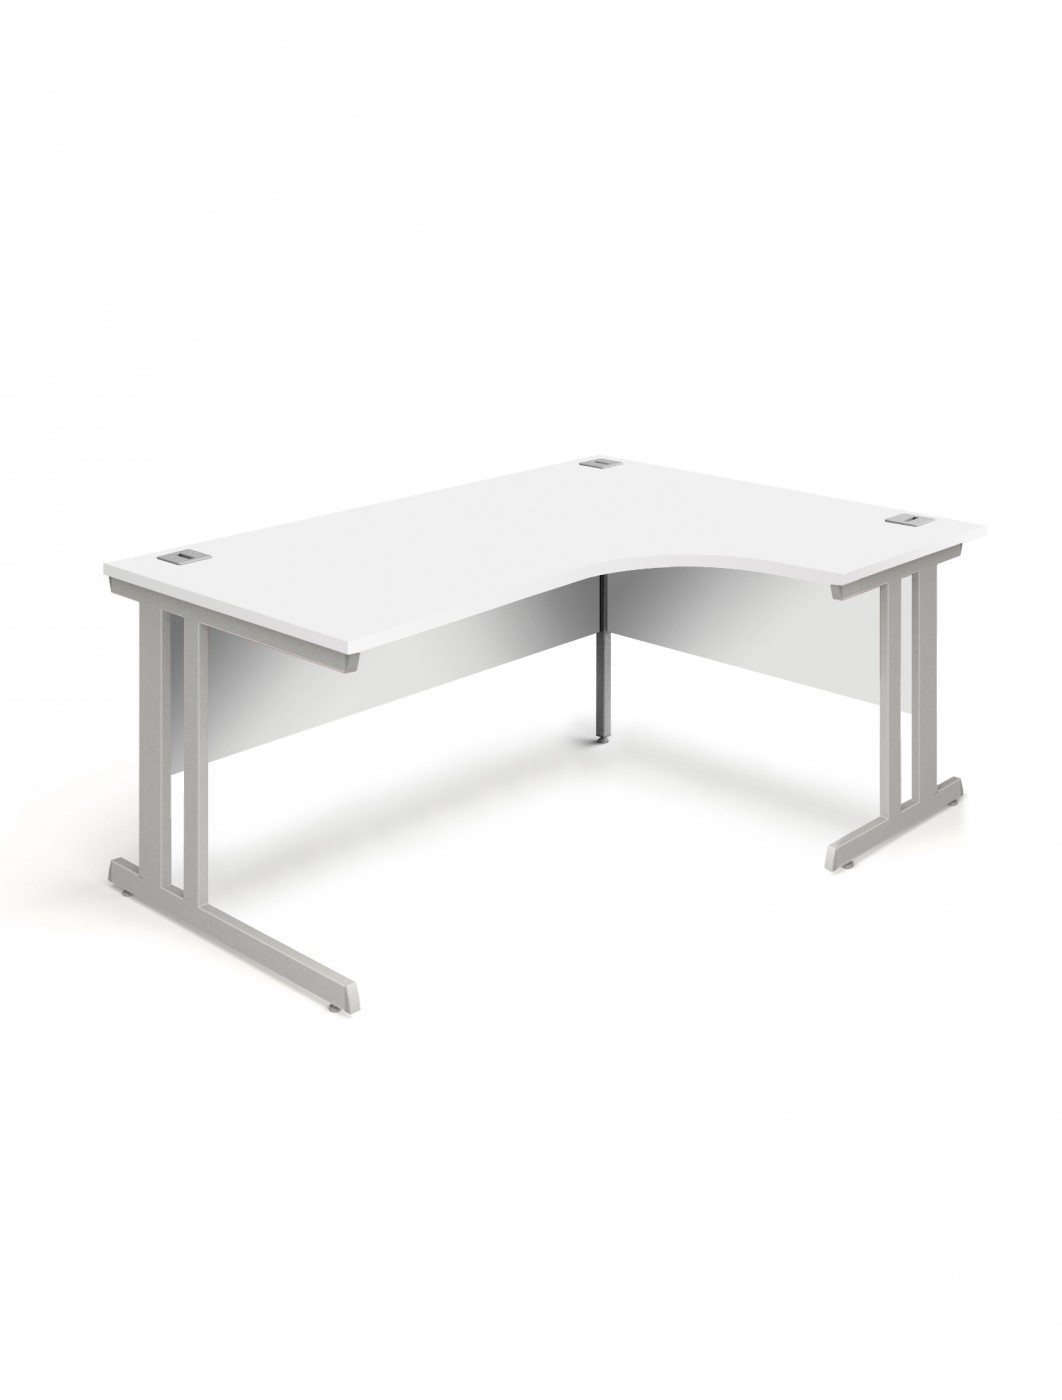 Charmant White Office Desk 1800mm Aspire Ergonomic Desk ET/ED/1800/RL/WH